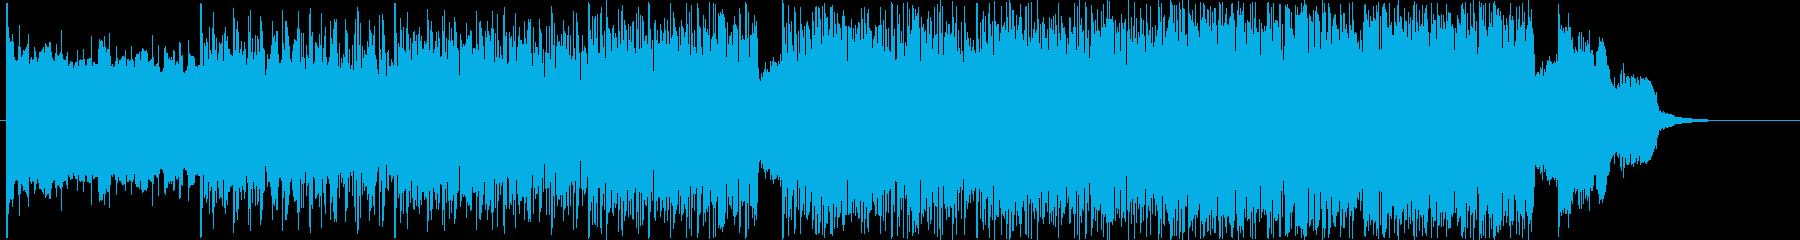 うねるようなベースラインのクラブ音楽。の再生済みの波形